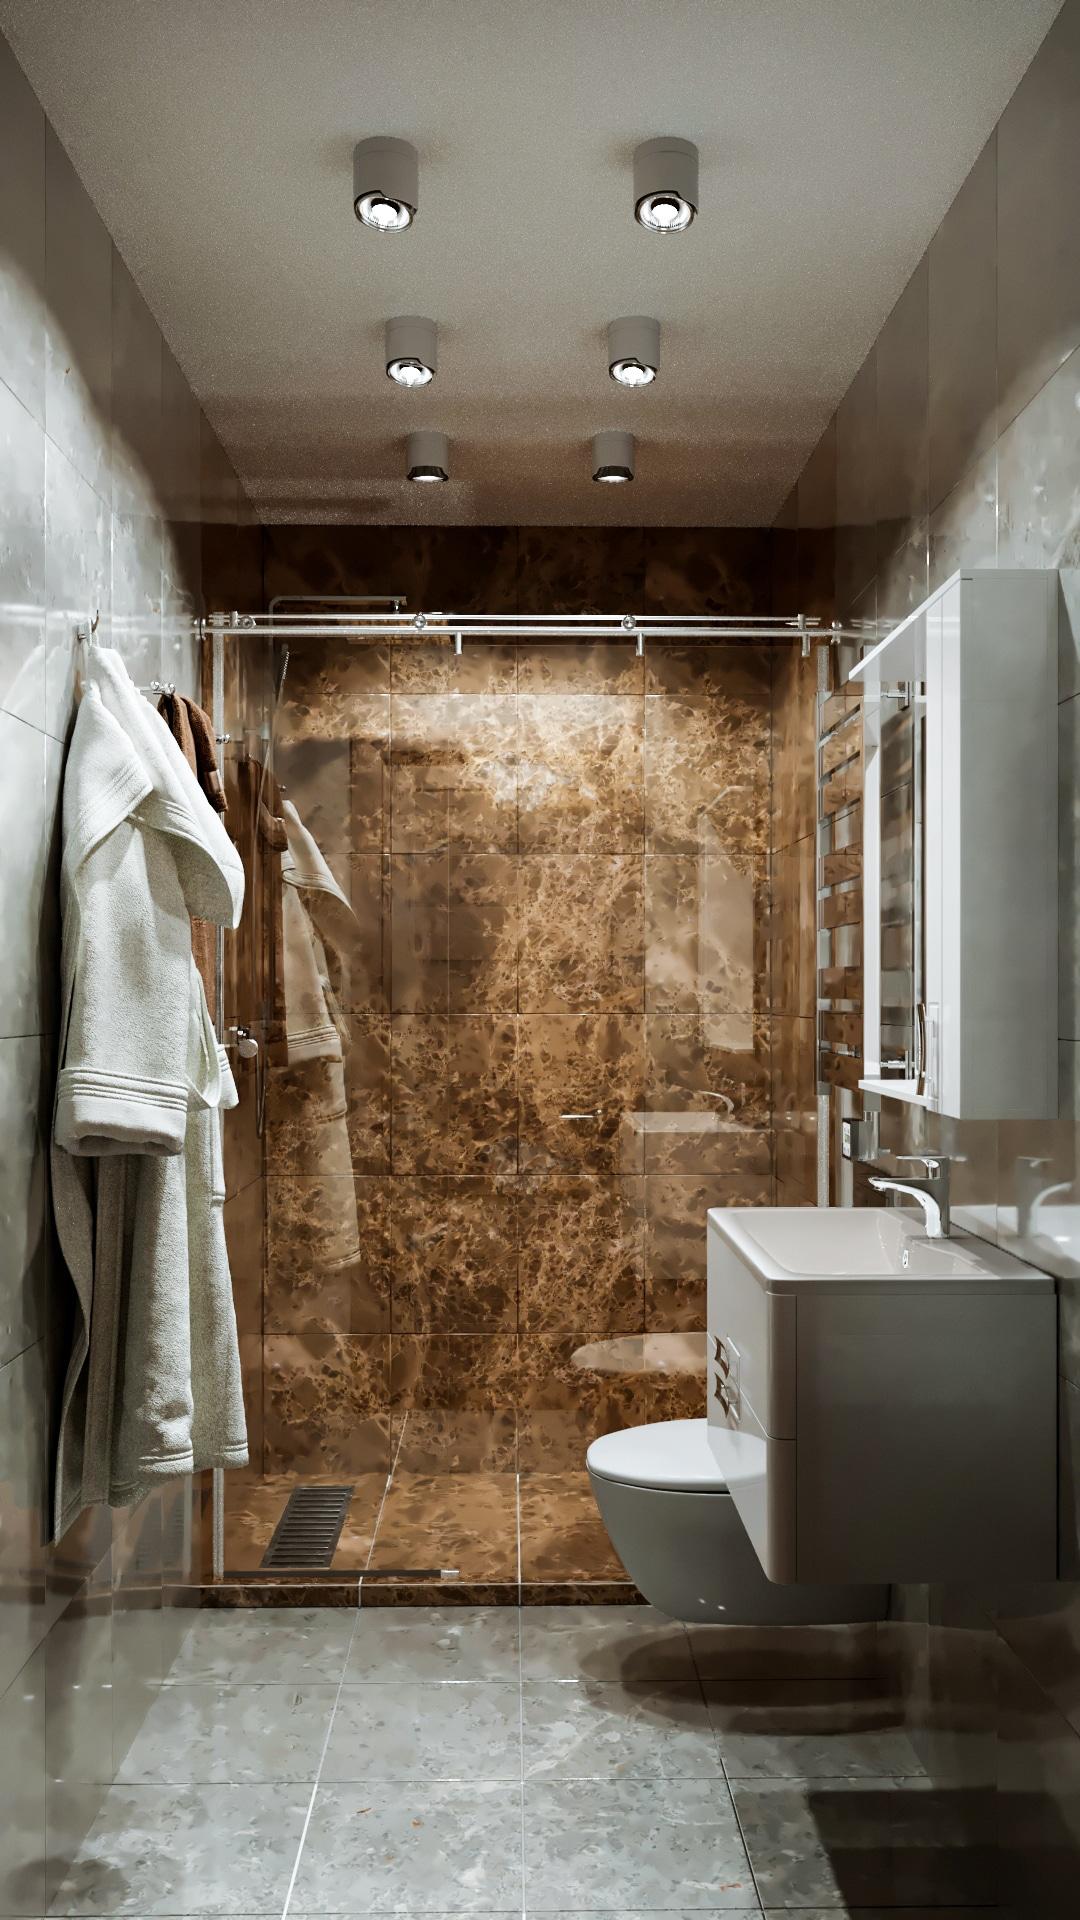 Вид сбоку на ванную в студии. Отделка плиткой под мрамор коричневого и белого цвета.